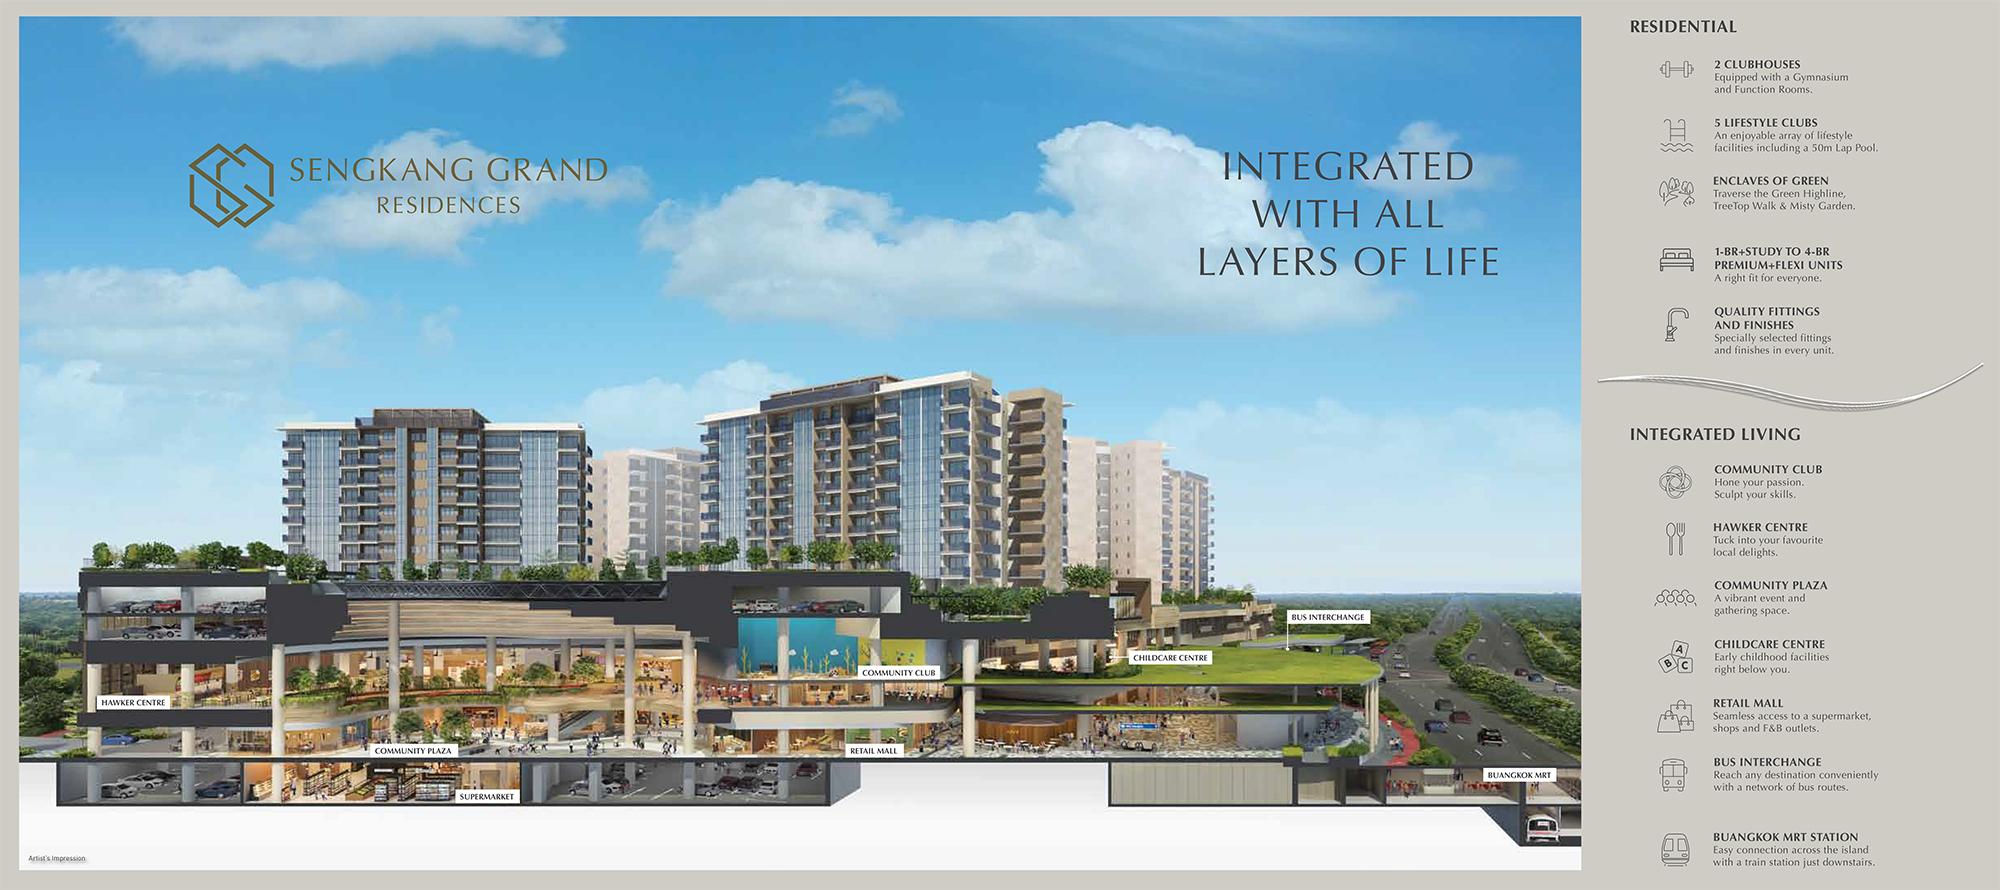 new-condo-singapore-sengkang-grand-residences-integration